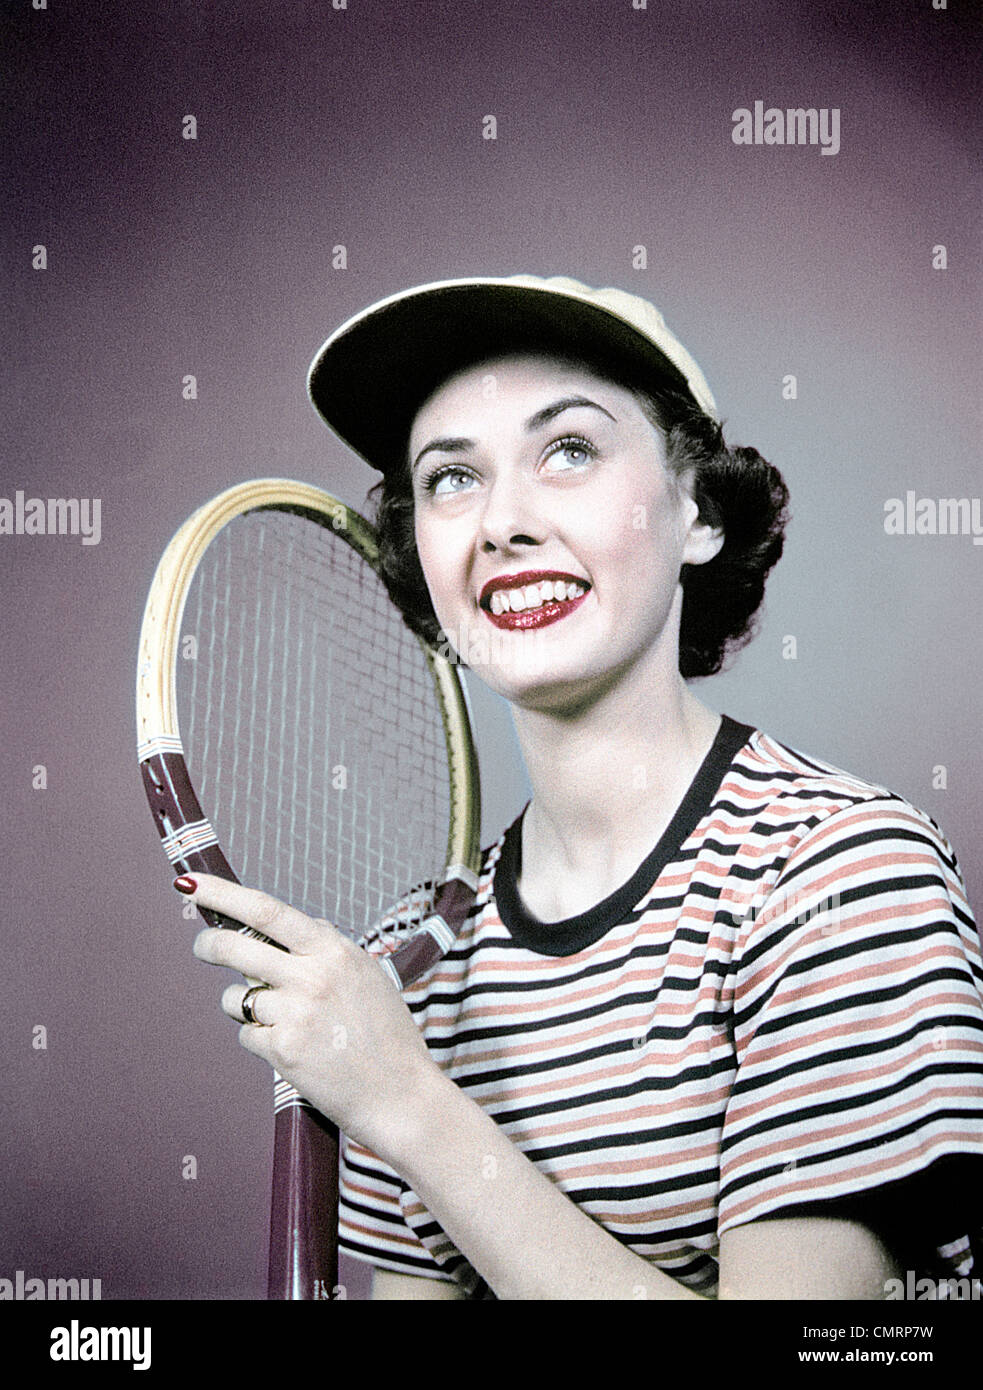 1950 MUJER MORENA sonriente Celebración de raqueta de tenis vestir camisa a rayas CAP Imagen De Stock